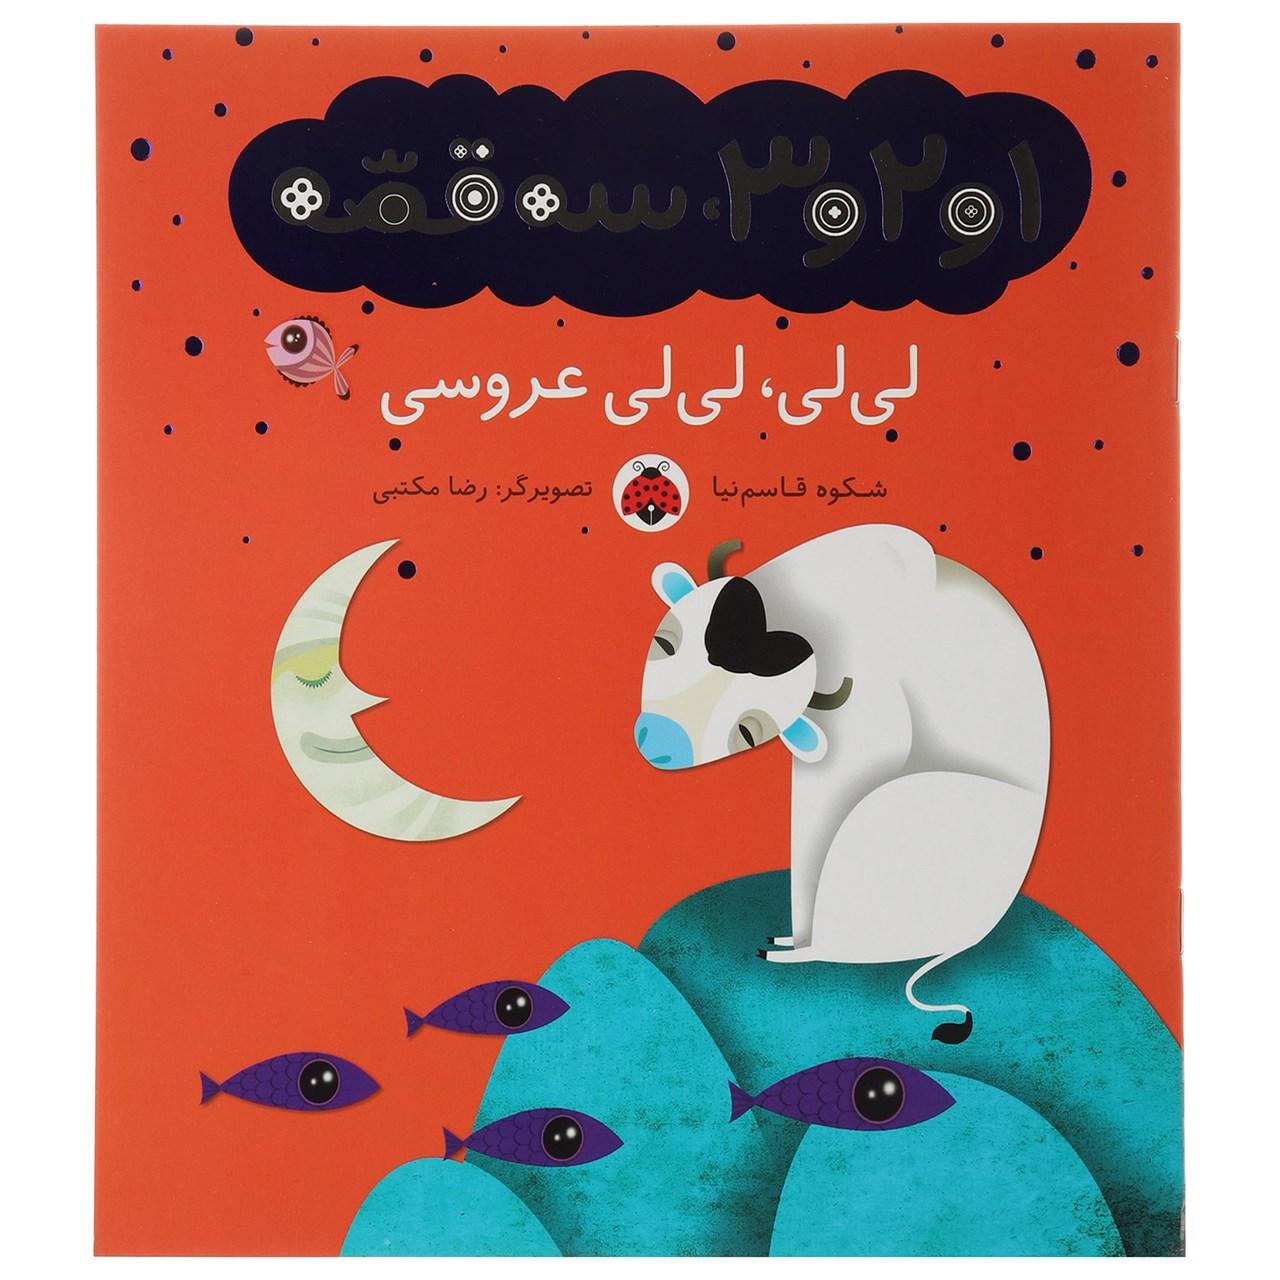 کتاب 1 و 2 و 3 سه قصه لی لی لی لی عروسی اثر شکوه قاسم نیا